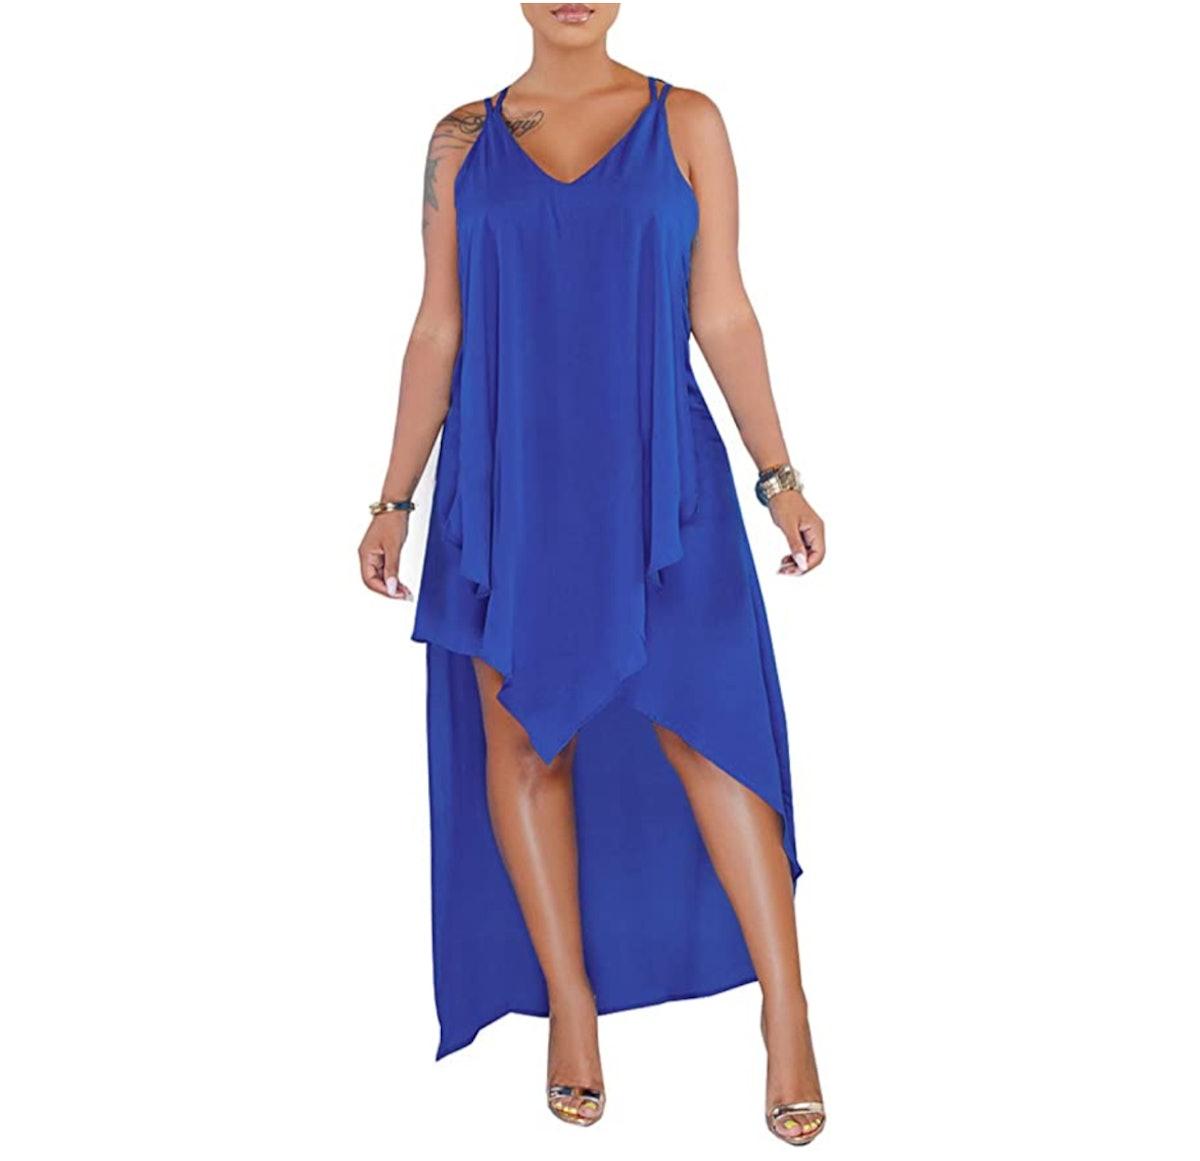 YouSexy Chiffon Dress